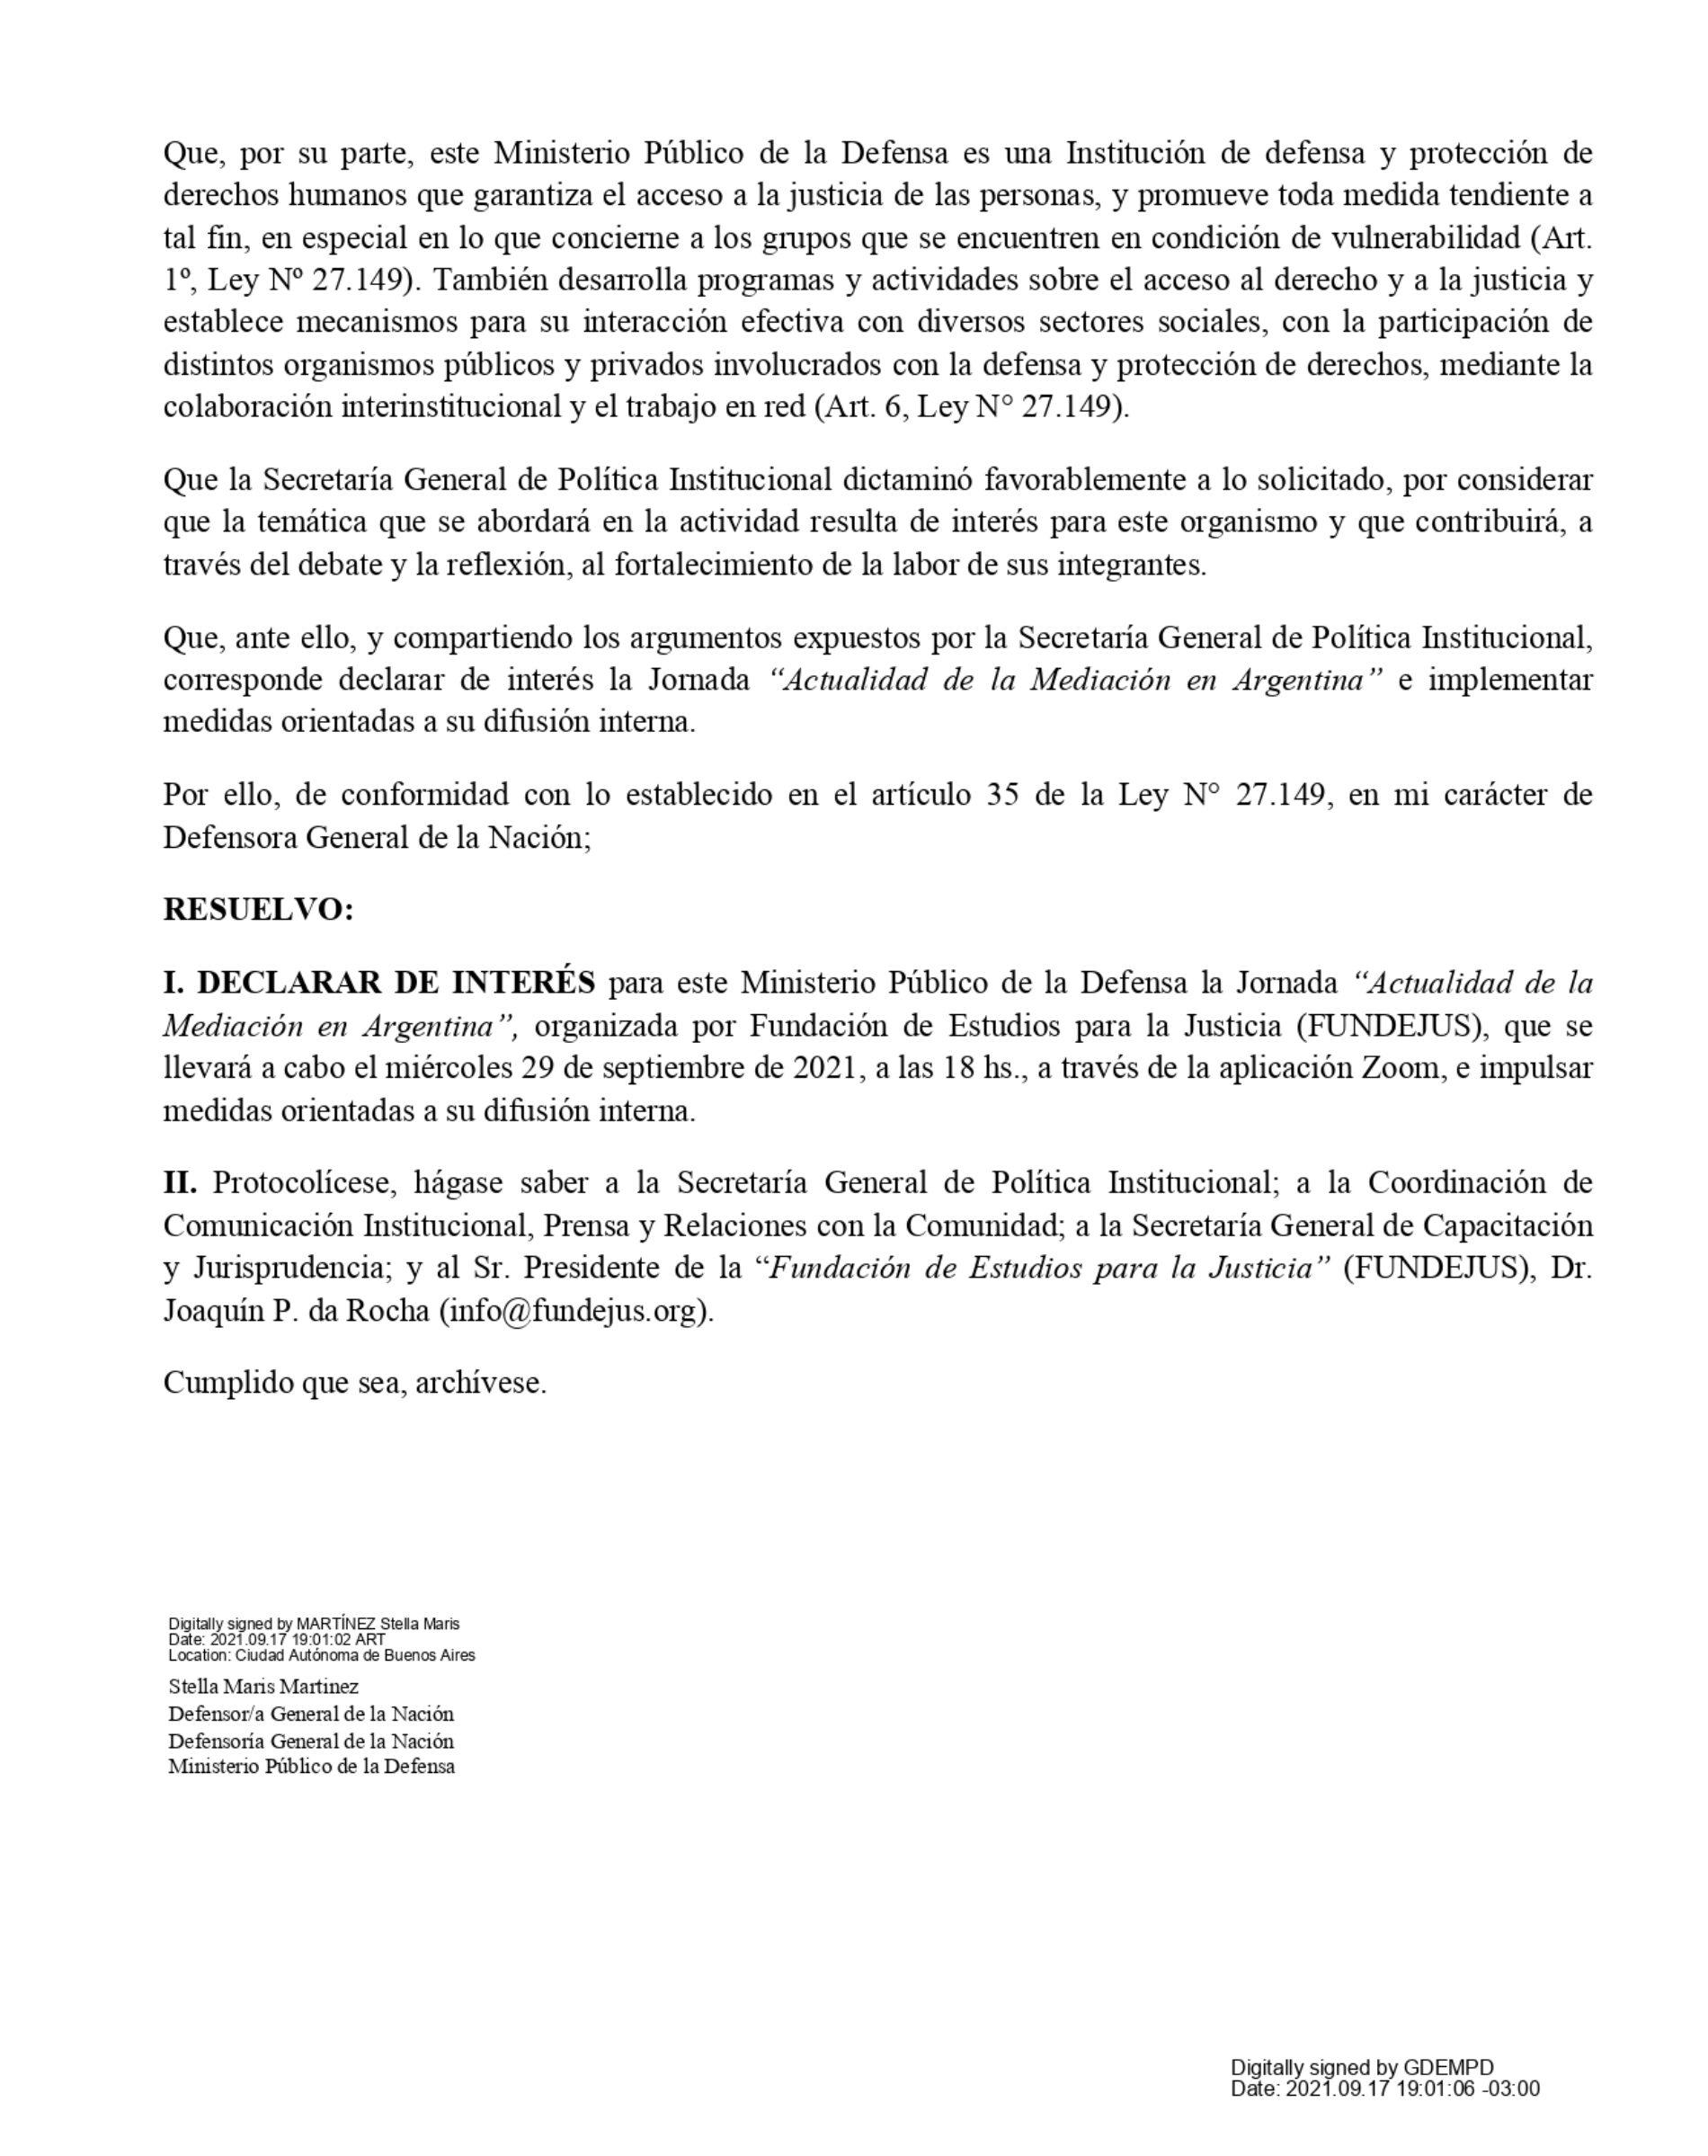 Declaración de interés: Defensoría General De la Nación (Res. 1199/2021).